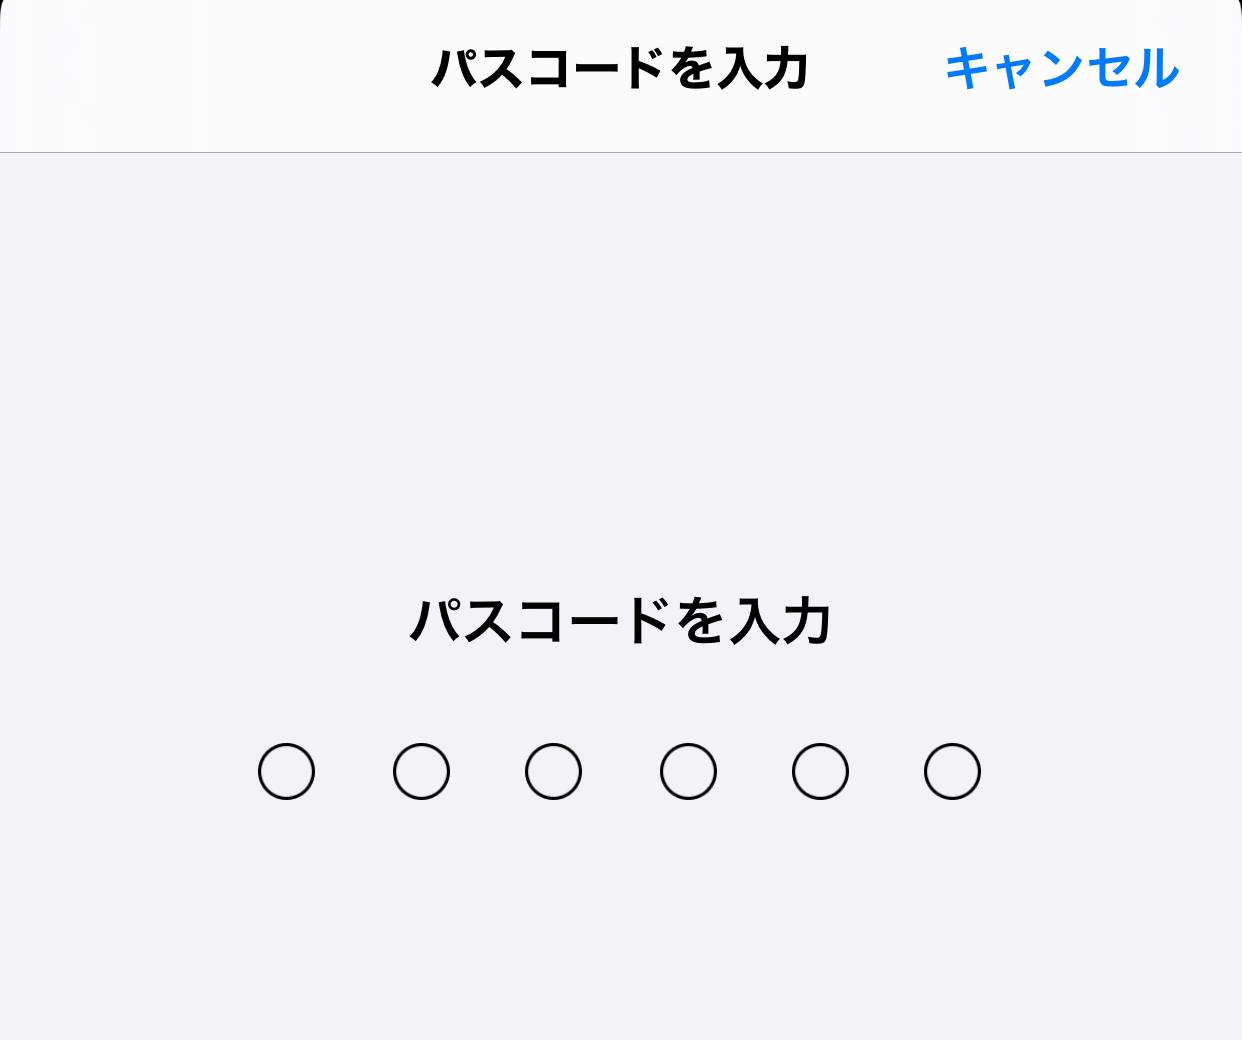 iPhoneのログインパスワードの入力画面が表示されますので、iPhoneのログインパスワードを入力します。